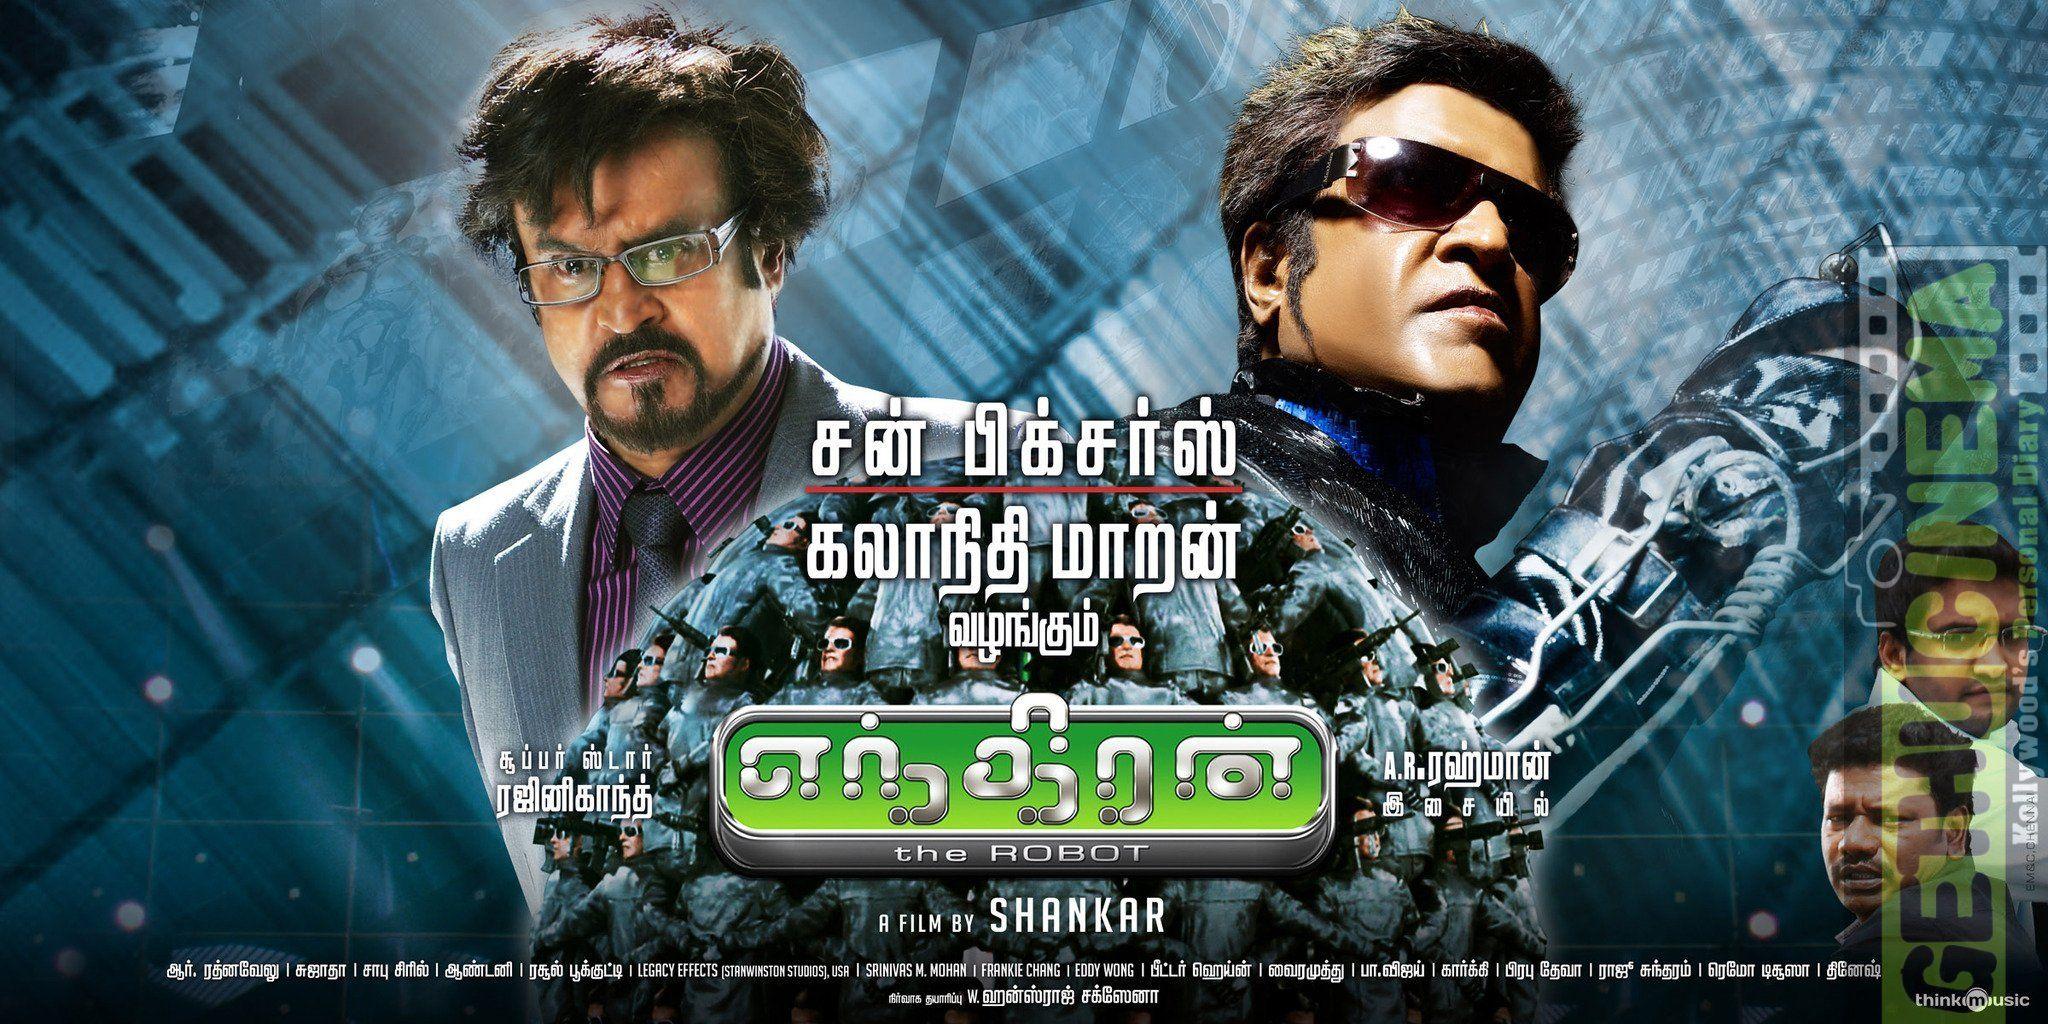 Baahubali overtakes Endhiran in Tamil Nadu BO - Gethu Cinema | Full movies  download, Hd movies download, Full movies online free